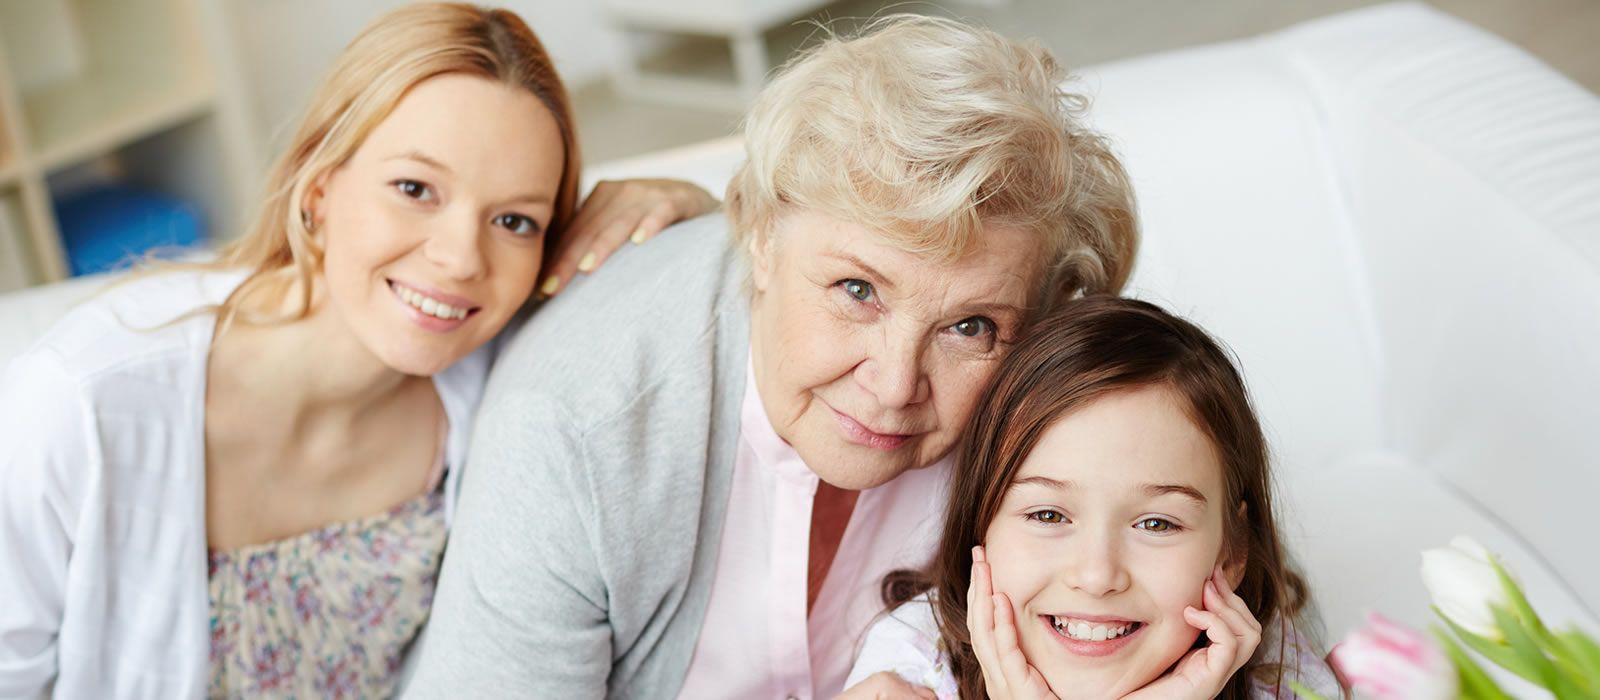 ¿Cómo debe cuidar la mujer su salud a lo largo de las diferentes etapas de su vida?